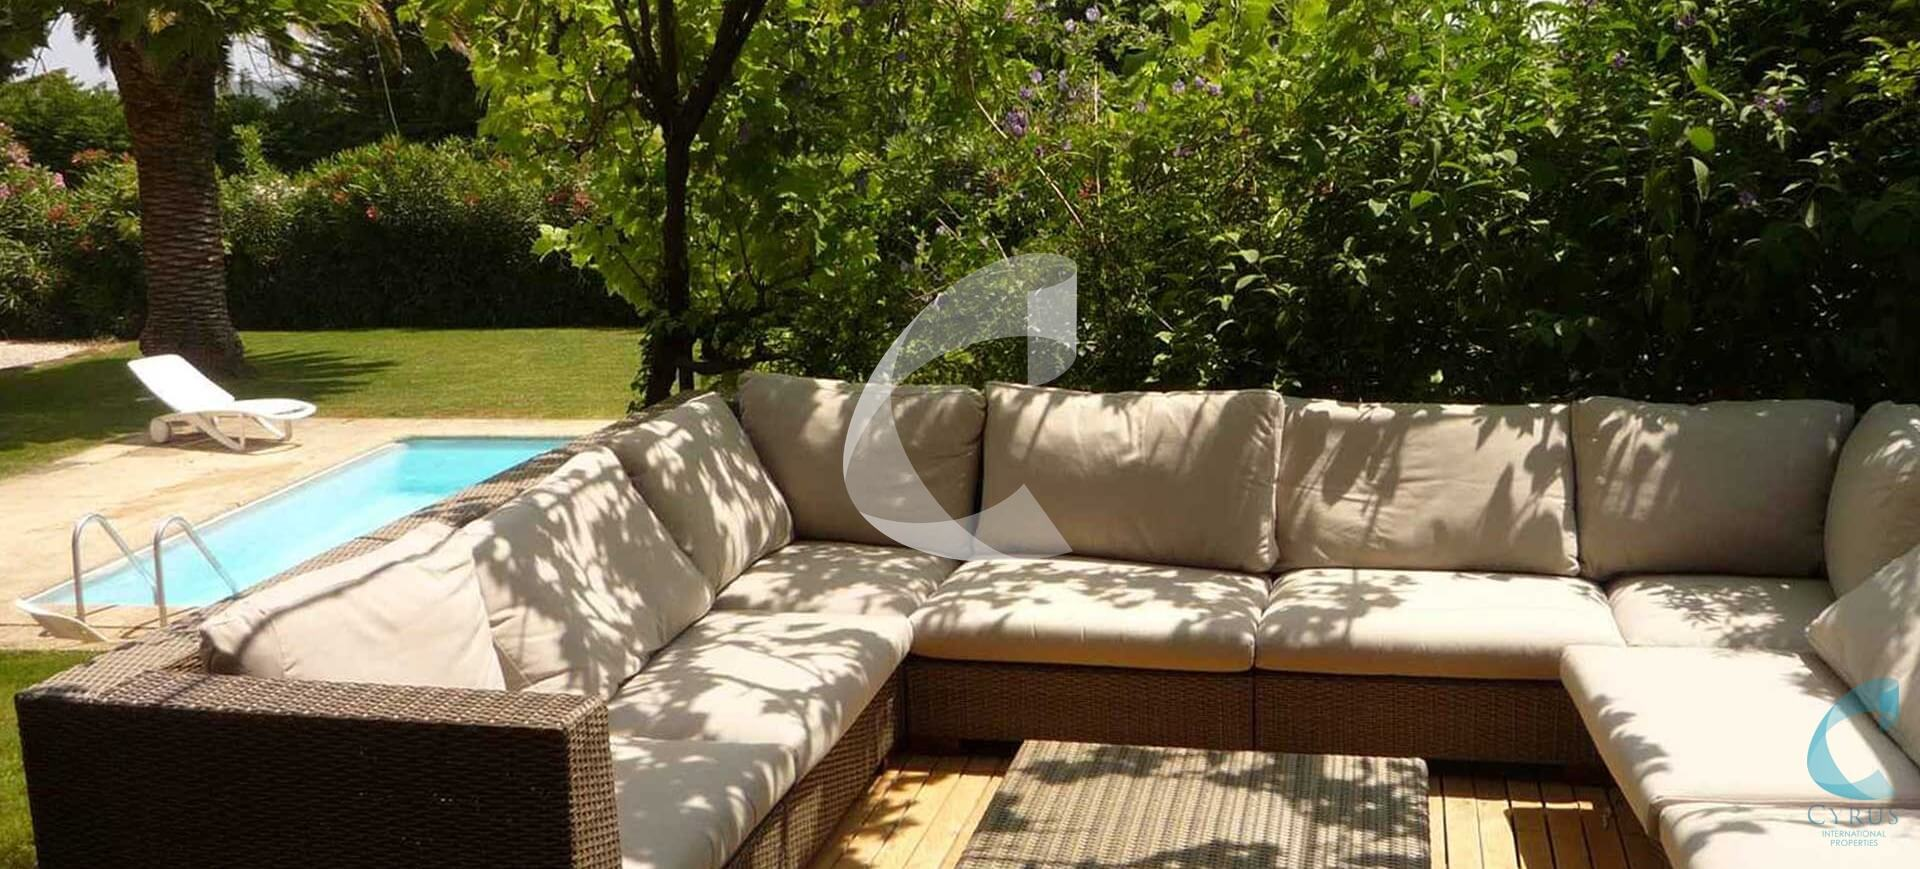 St Tropez Villa lounge Rental